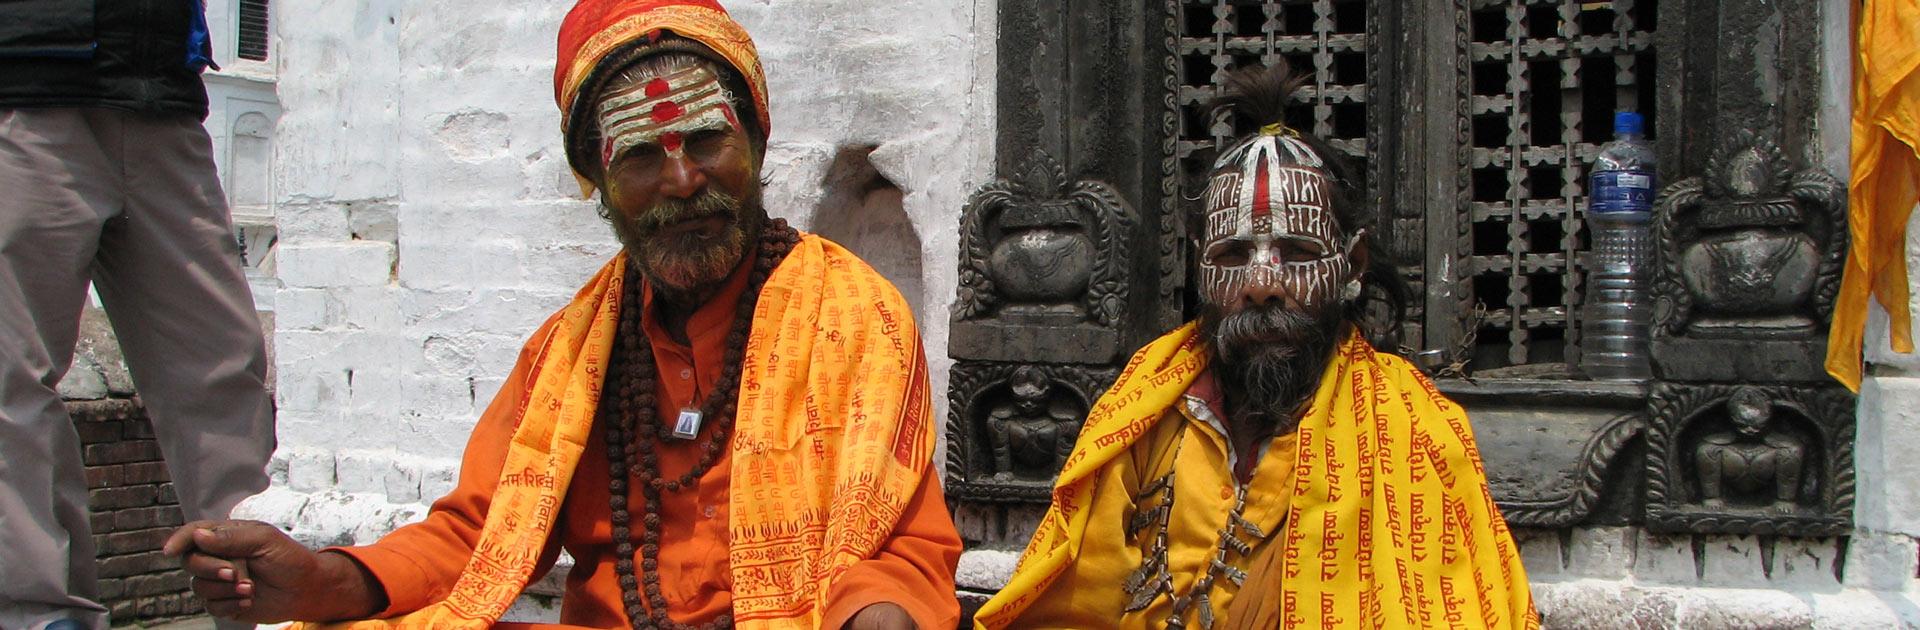 INNP Experiencia de Vida con Nepal 16 días 1